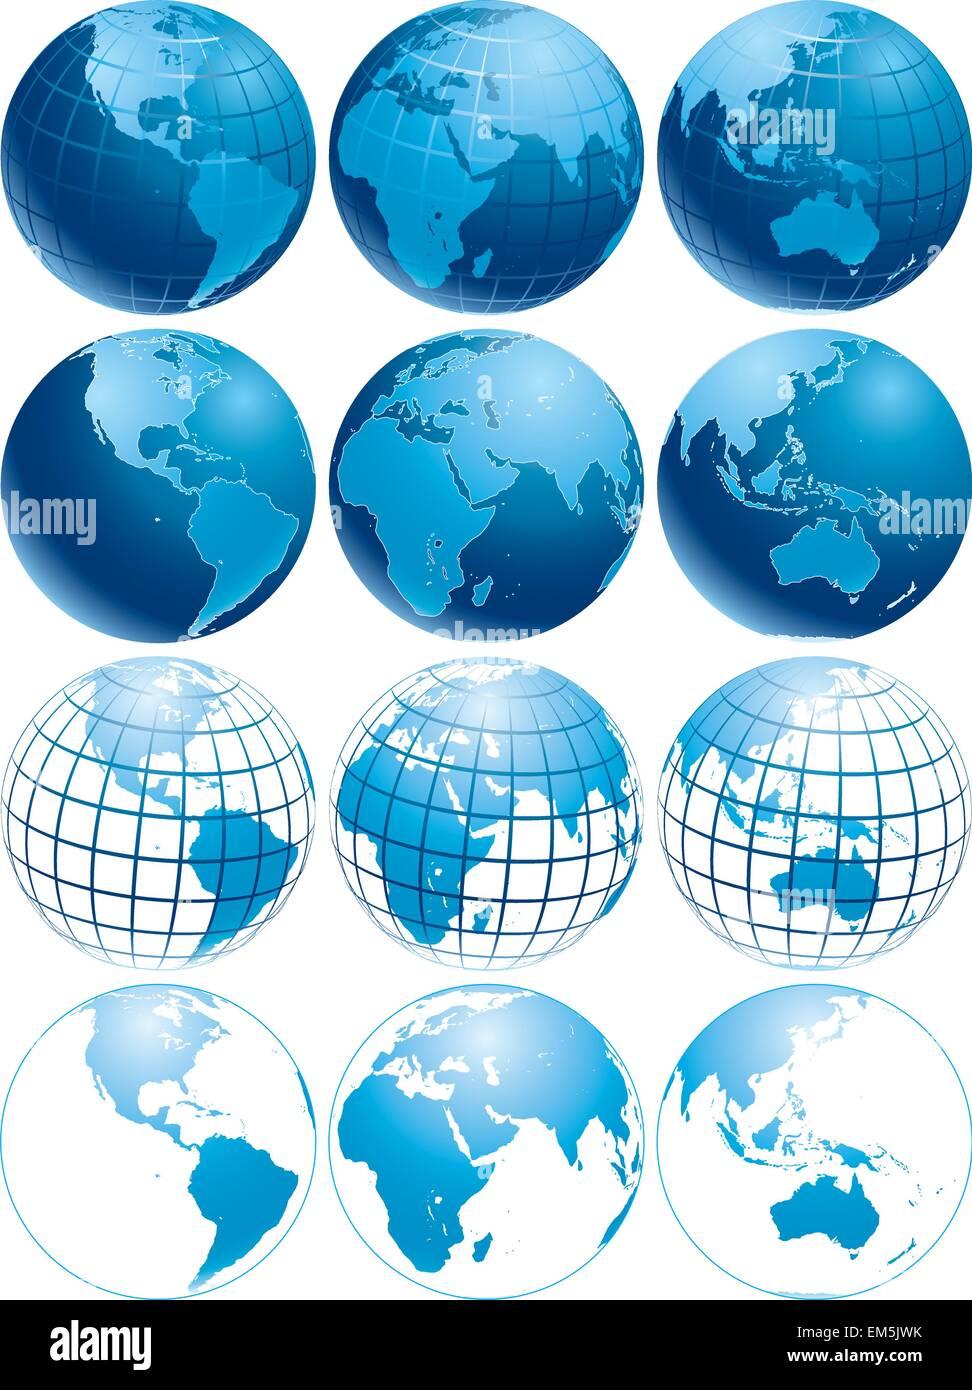 Ilustración vectorial de tres diferentes globos de tierra azul brillante con apariencia diferente Imagen De Stock